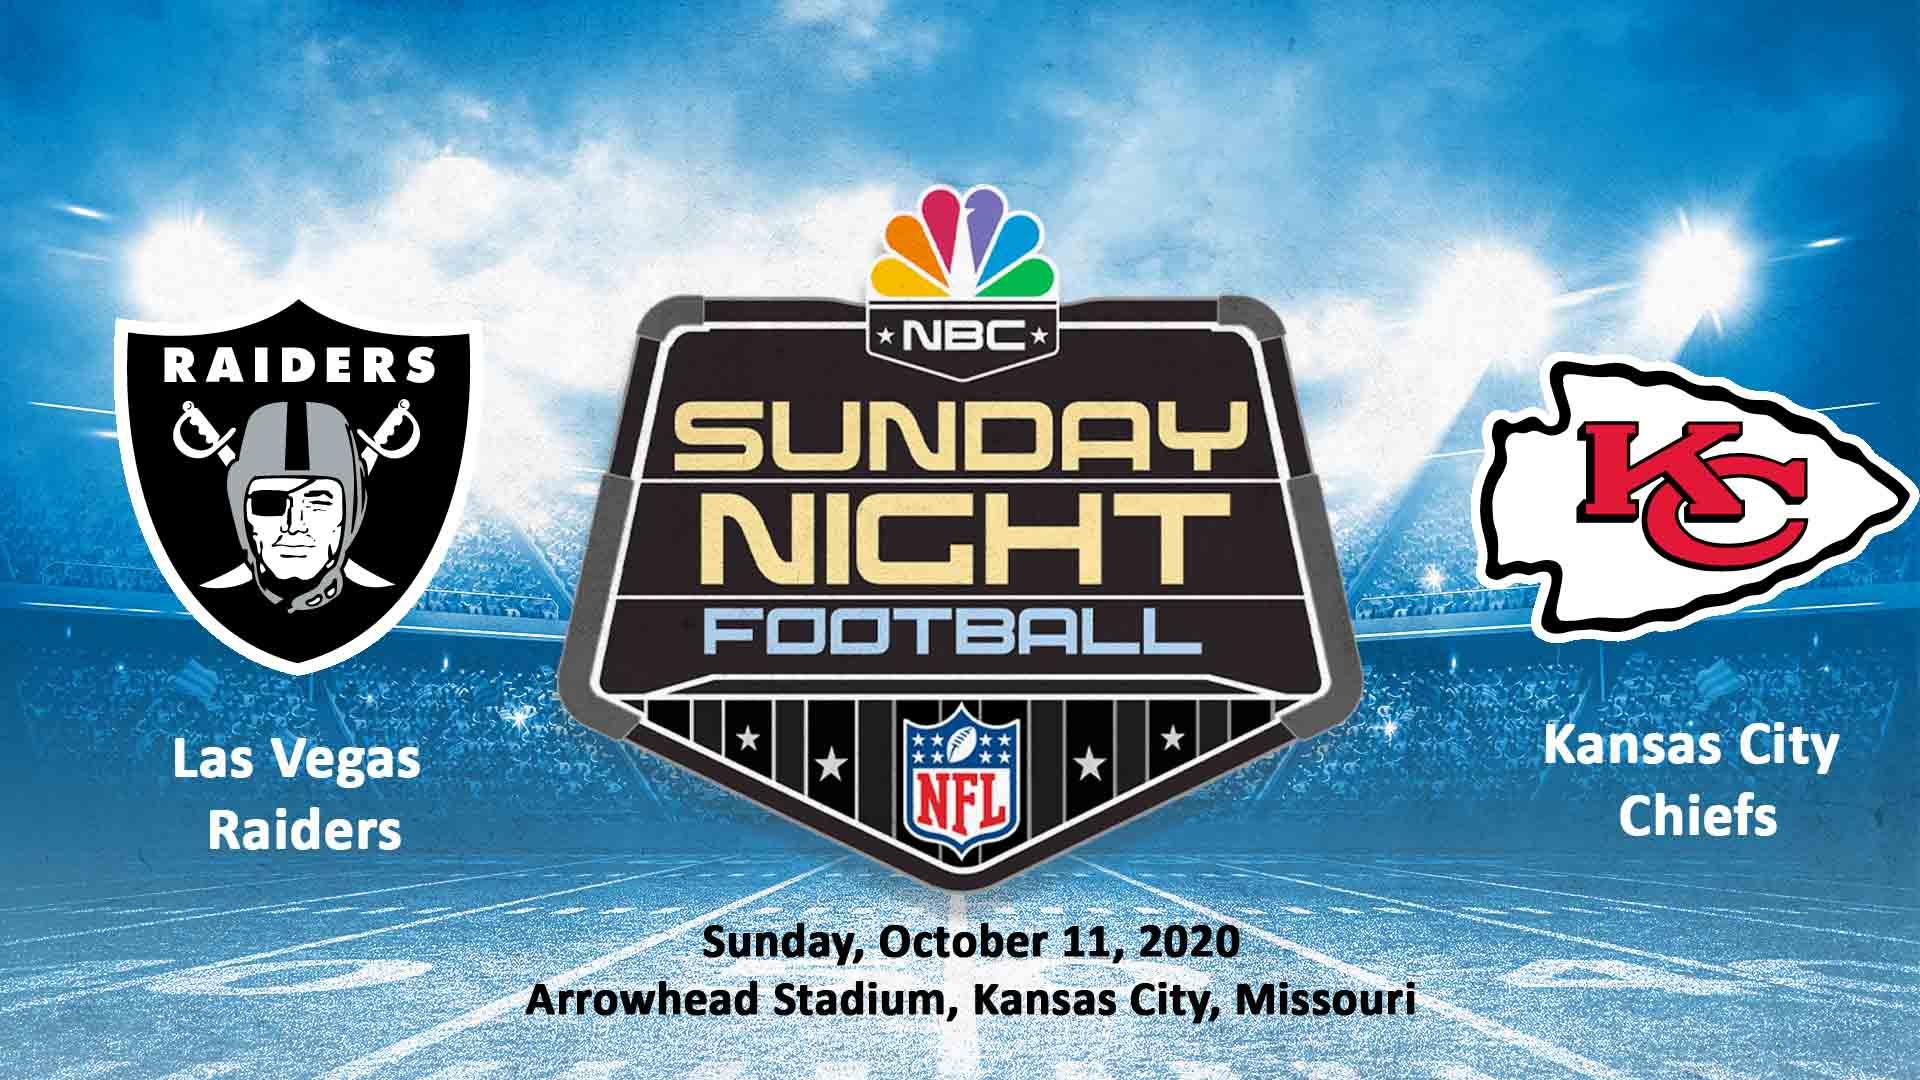 Las-Vegas-Raiders-vs-Kansas-City-Chiefs